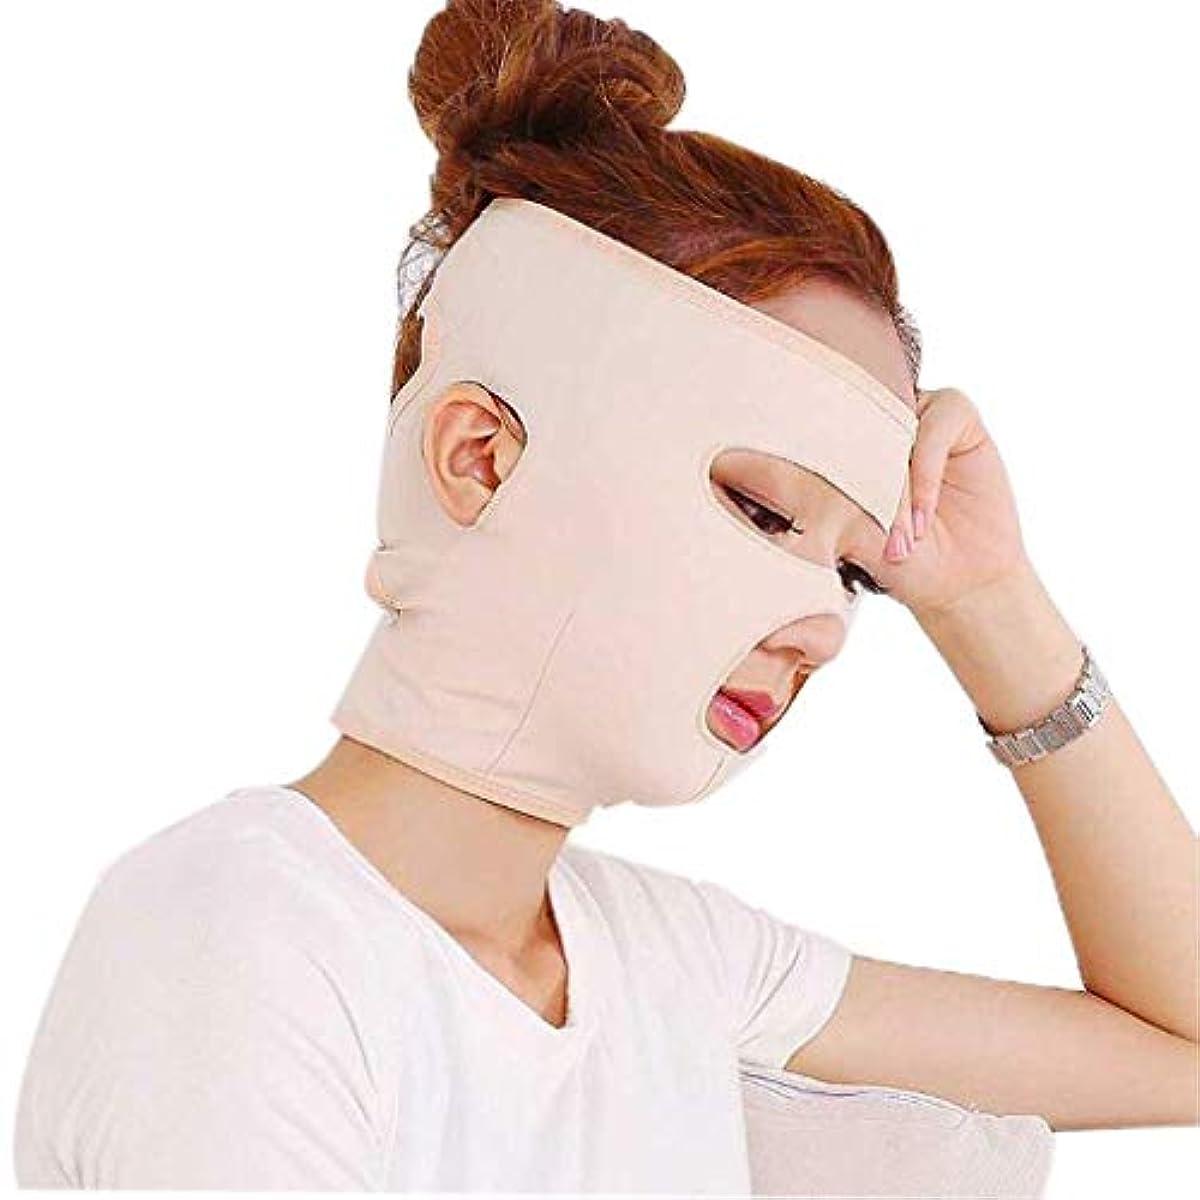 ボーカルエクスタシー紳士気取りの、きざなフェイスリフティングマスク、フルフェイス通気性の術後回復包帯リフティング引き締め肌の減少により小さなVフェイスマスクを作成(サイズ:L)